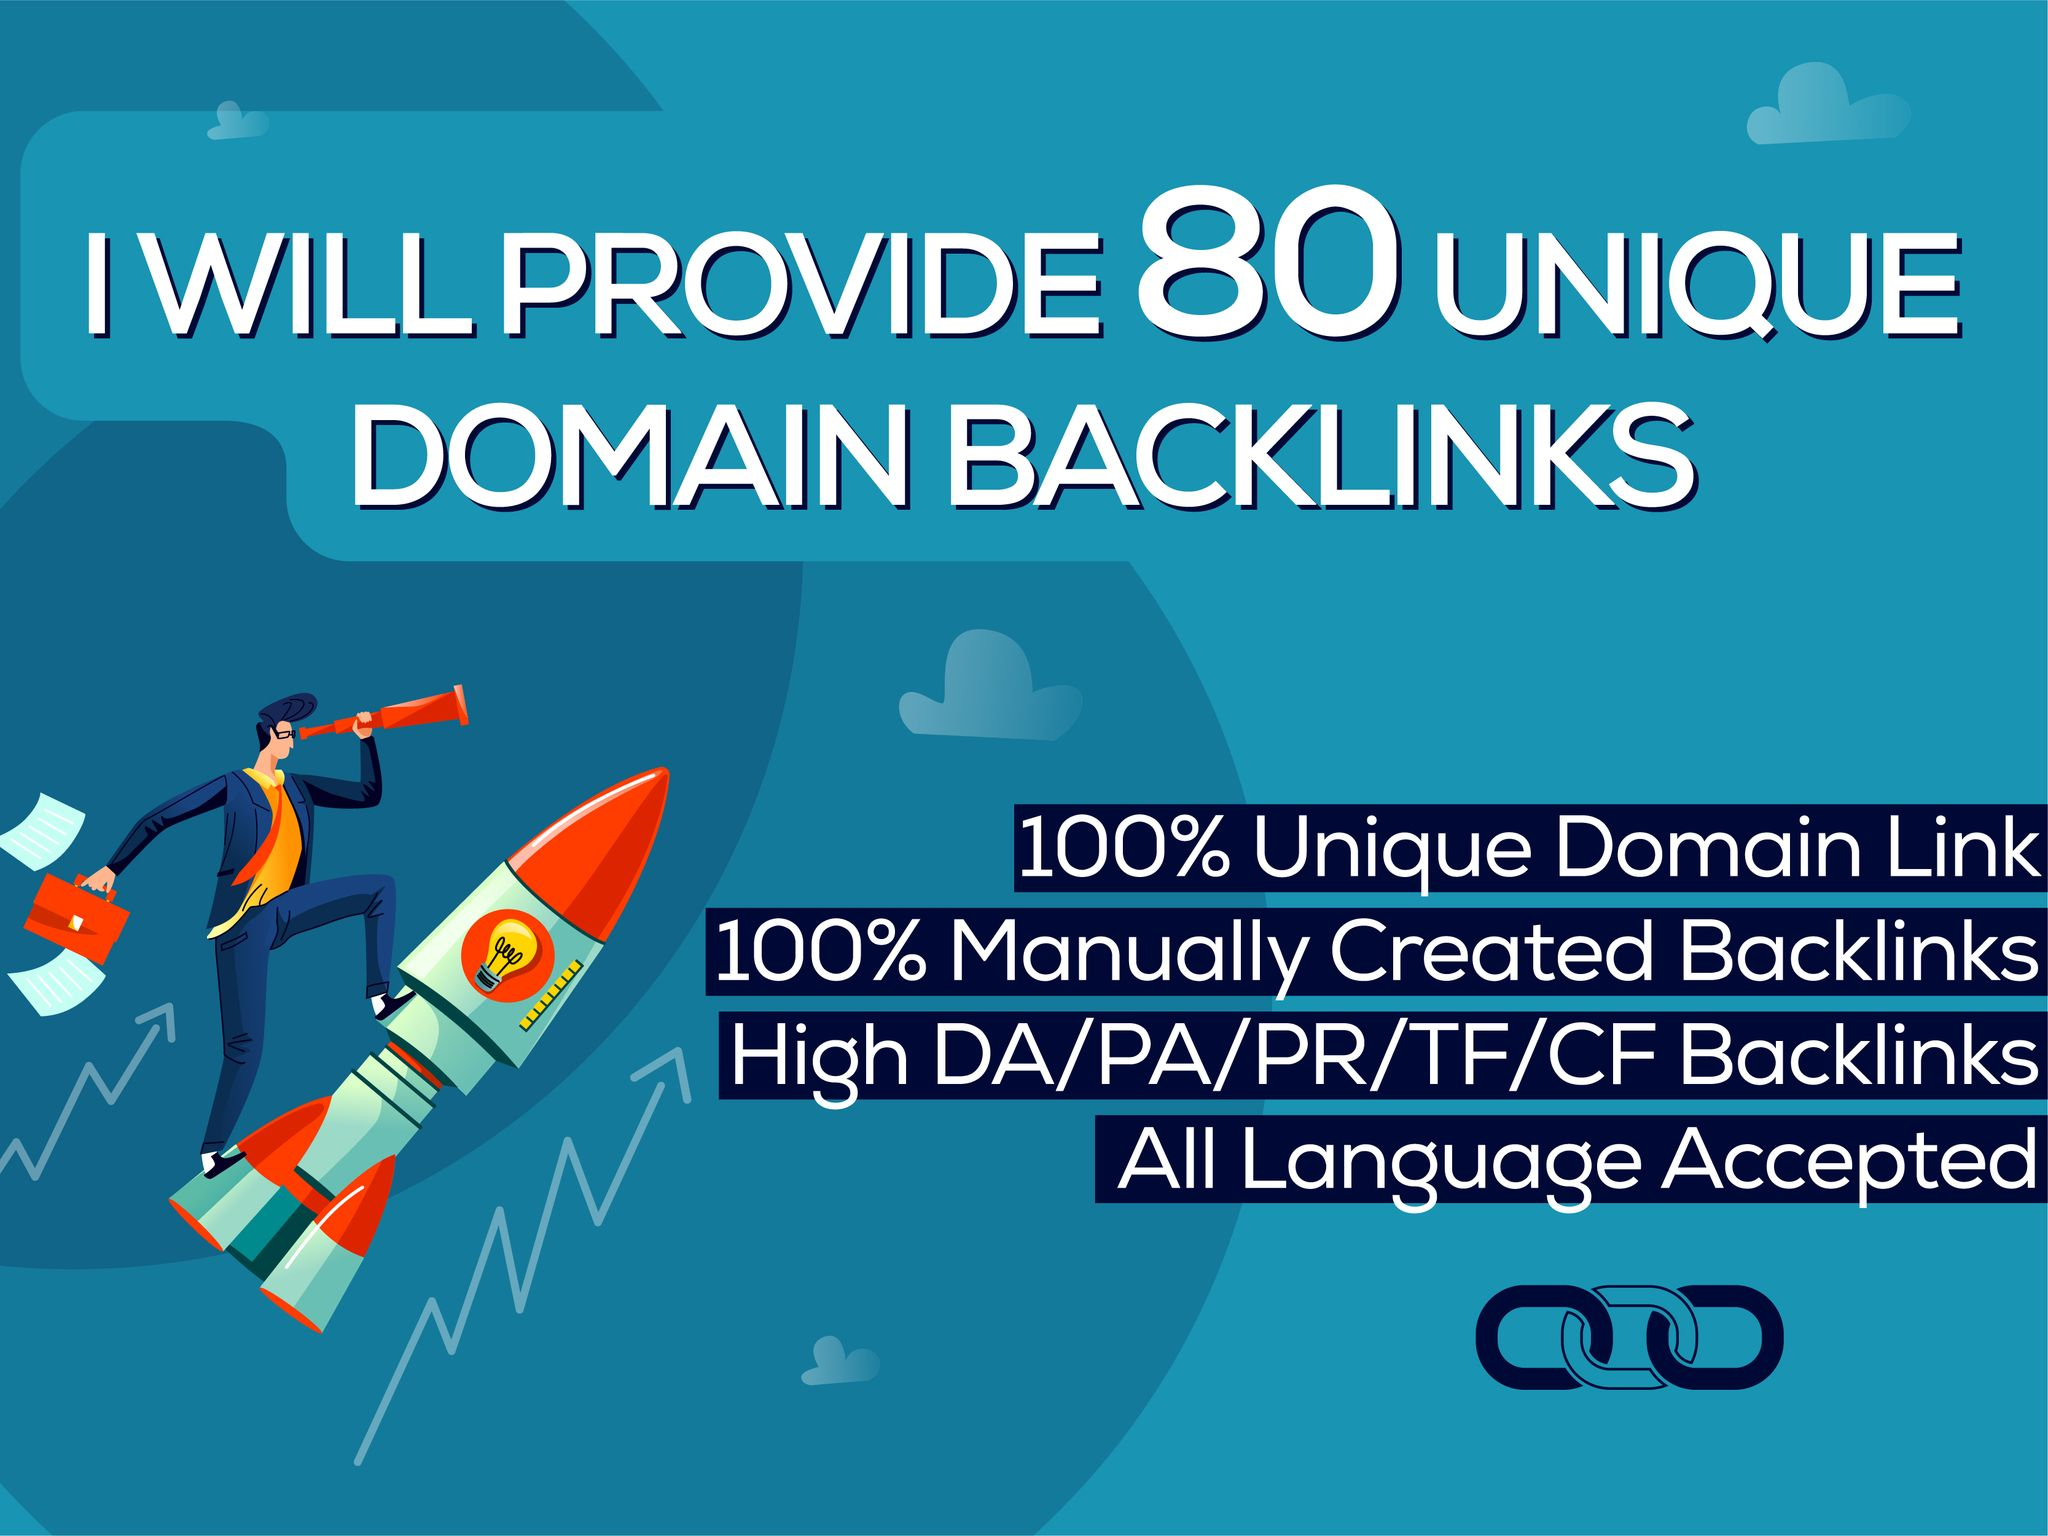 I Will Provide 80 Unique Domain Backlinks